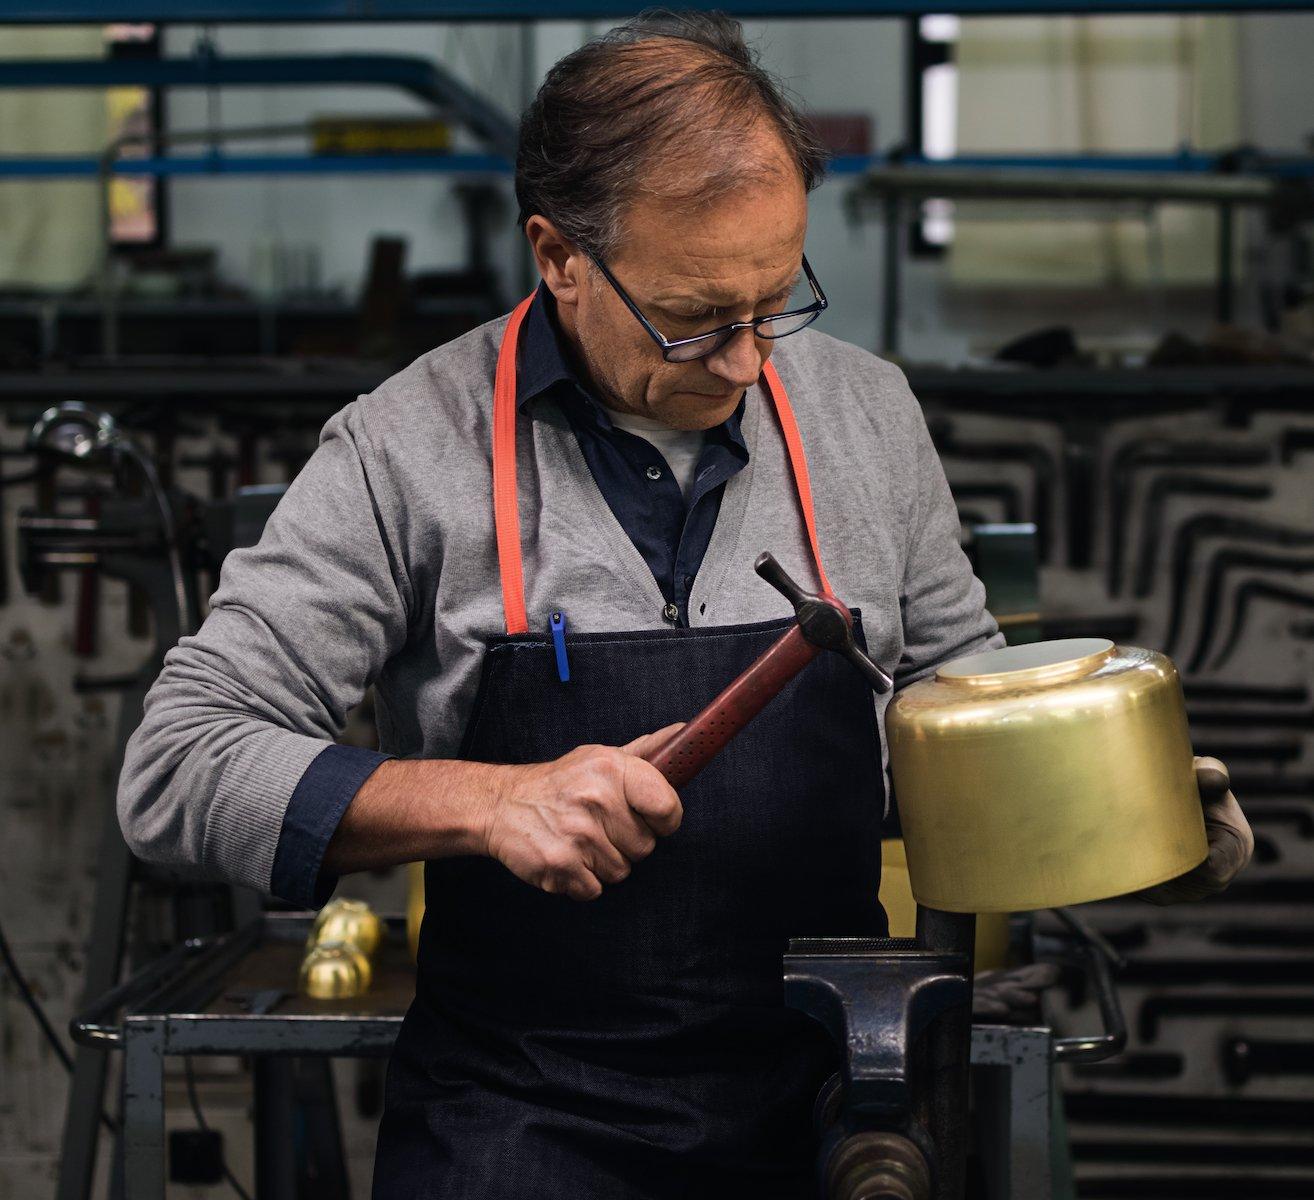 chi-siamo-zanetto-laboratorio-artigianato-home-decor-metalli